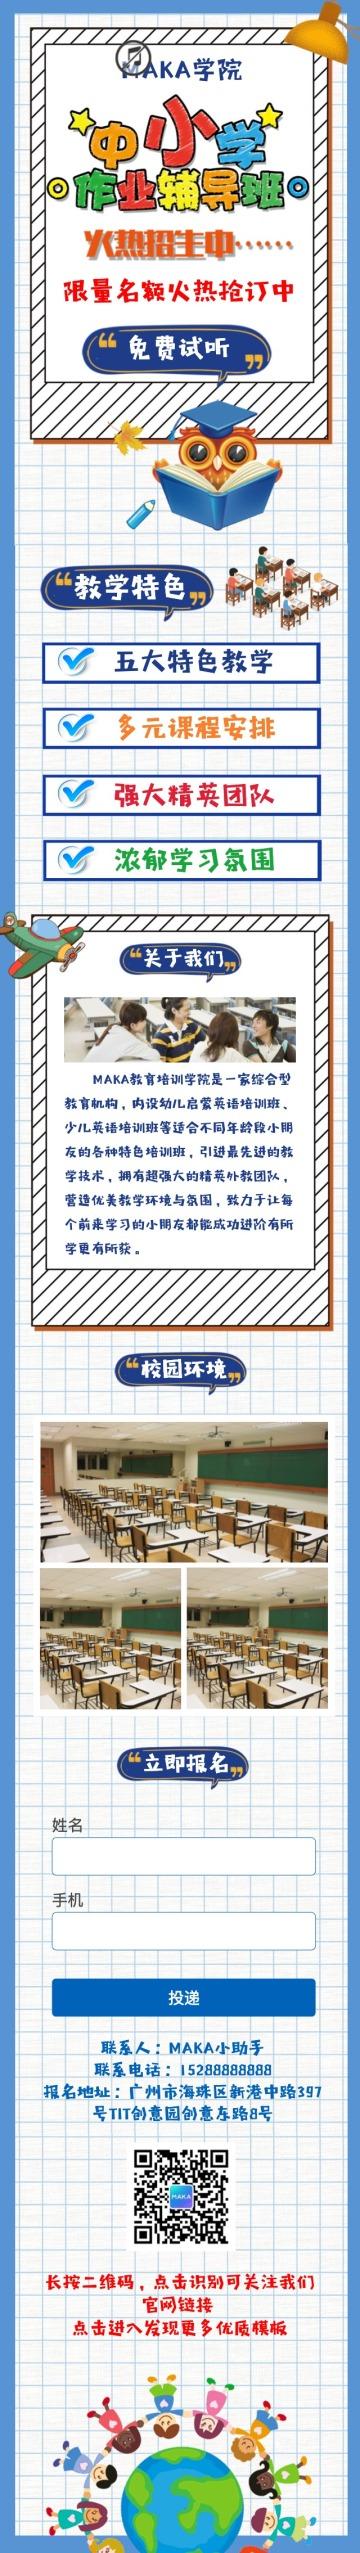 作业辅导班卡通风招生宣传促销H5